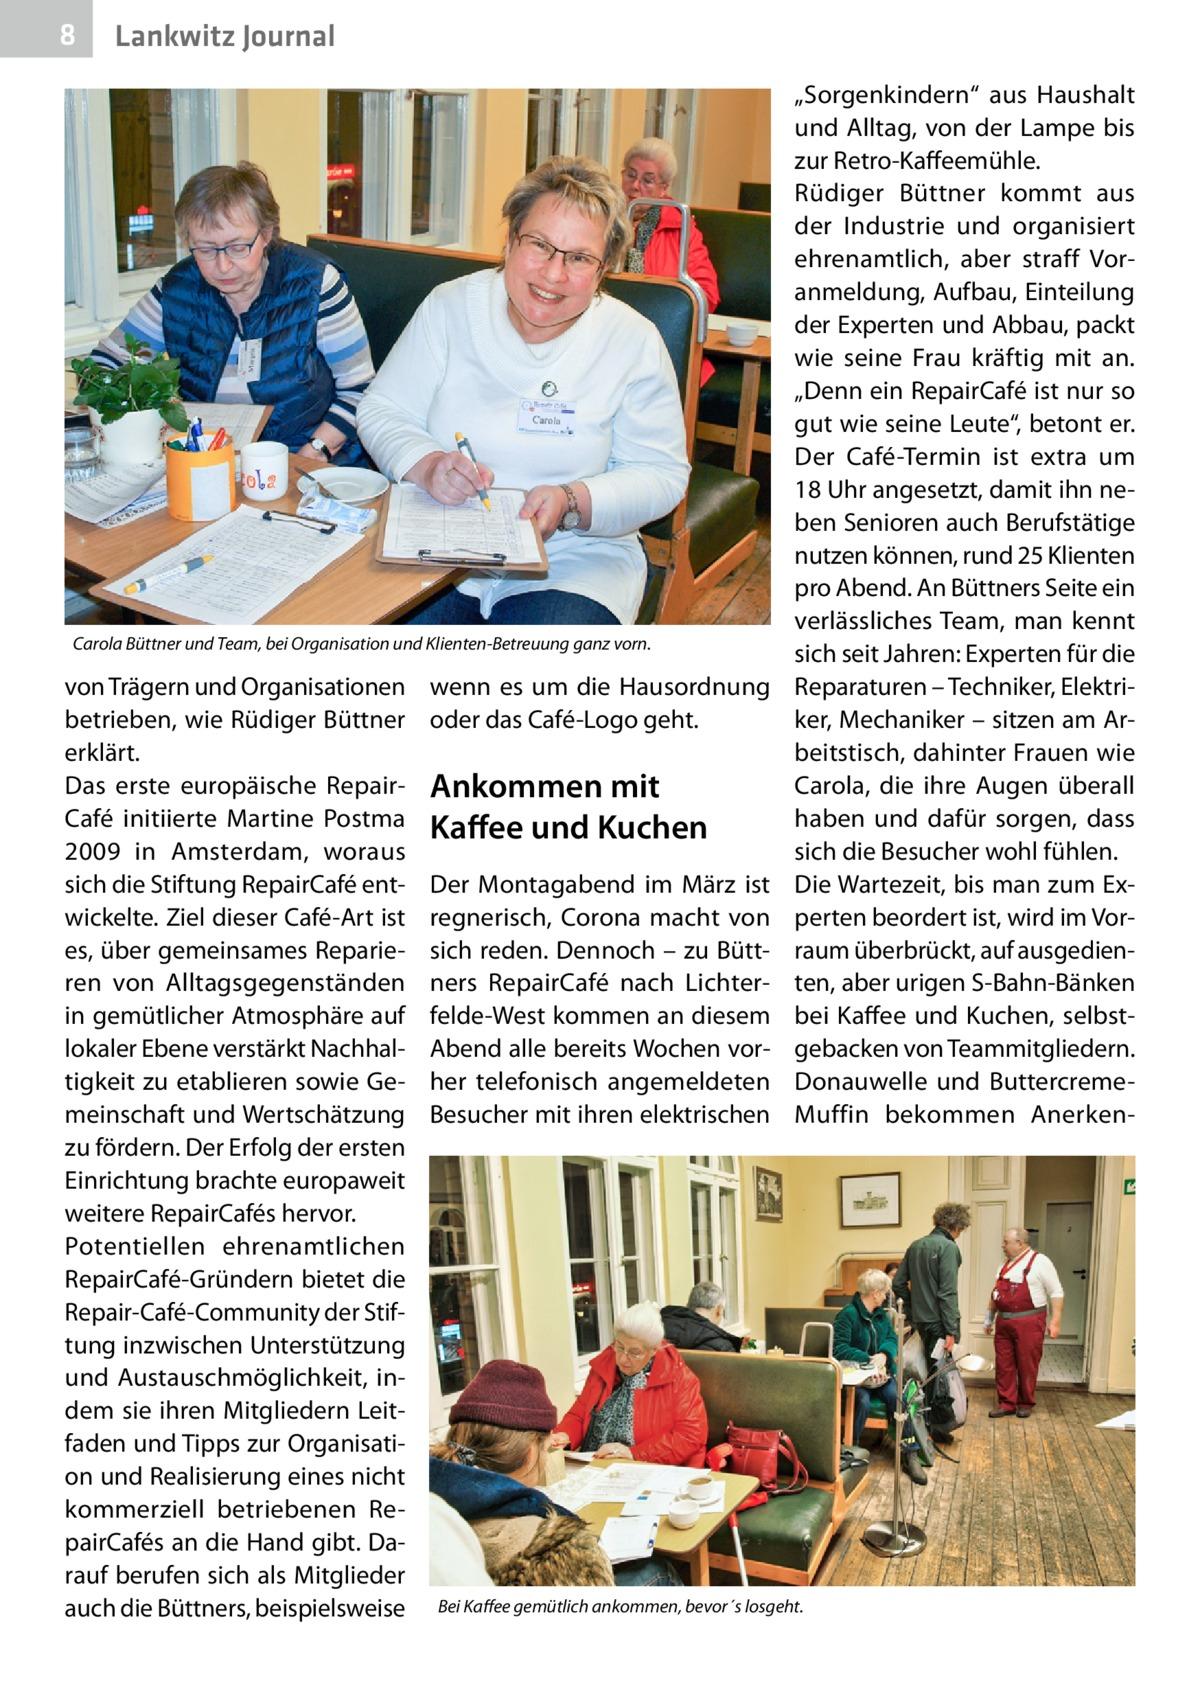 """8  Lankwitz Journal  Carola Büttner und Team, bei Organisation und Klienten-Betreuung ganz vorn.  von Trägern und Organisationen betrieben, wie Rüdiger Büttner erklärt. Das erste europäische Repair Café initiierte Martine Postma 2009 in Amsterdam, woraus sich die Stiftung RepairCafé entwickelte. Ziel dieser Café-Art ist es, über gemeinsames Reparieren von Alltagsgegenständen in gemütlicher Atmosphäre auf lokaler Ebene verstärkt Nachhaltigkeit zu etablieren sowie Gemeinschaft und Wertschätzung zu fördern. Der Erfolg der ersten Einrichtung brachte europaweit weitere RepairCafés hervor. Potentiellen ehrenamtlichen RepairCafé-Gründern bietet die Repair-Café-Community der Stiftung inzwischen Unterstützung und Austauschmöglichkeit, indem sie ihren Mitgliedern Leitfaden und Tipps zur Organisation und Realisierung eines nicht kommerziell betriebenen RepairCafés an die Hand gibt. Darauf berufen sich als Mitglieder auch die Büttners, beispielsweise  wenn es um die Hausordnung oder das Café-Logo geht.  Ankommen mit Kaffee und Kuchen Der Montagabend im März ist regnerisch, Corona macht von sich reden. Dennoch – zu Büttners RepairCafé nach Lichterfelde-West kommen an diesem Abend alle bereits Wochen vorher telefonisch angemeldeten Besucher mit ihren elektrischen  """"Sorgenkindern"""" aus Haushalt und Alltag, von der Lampe bis zur Retro-Kaffeemühle. Rüdiger Büttner kommt aus der Industrie und organisiert ehrenamtlich, aber straff Voranmeldung, Aufbau, Einteilung der Experten und Abbau, packt wie seine Frau kräftig mit an. """"Denn ein RepairCafé ist nur so gut wie seine Leute"""", betont er. Der Café-Termin ist extra um 18Uhr angesetzt, damit ihn neben Senioren auch Berufstätige nutzen können, rund 25Klienten pro Abend. An Büttners Seite ein verlässliches Team, man kennt sich seit Jahren: Experten für die Reparaturen – Techniker, Elektriker, Mechaniker – sitzen am Arbeitstisch, dahinter Frauen wie Carola, die ihre Augen überall haben und dafür sorgen, dass sich die Besucher wohl fühlen. Die"""